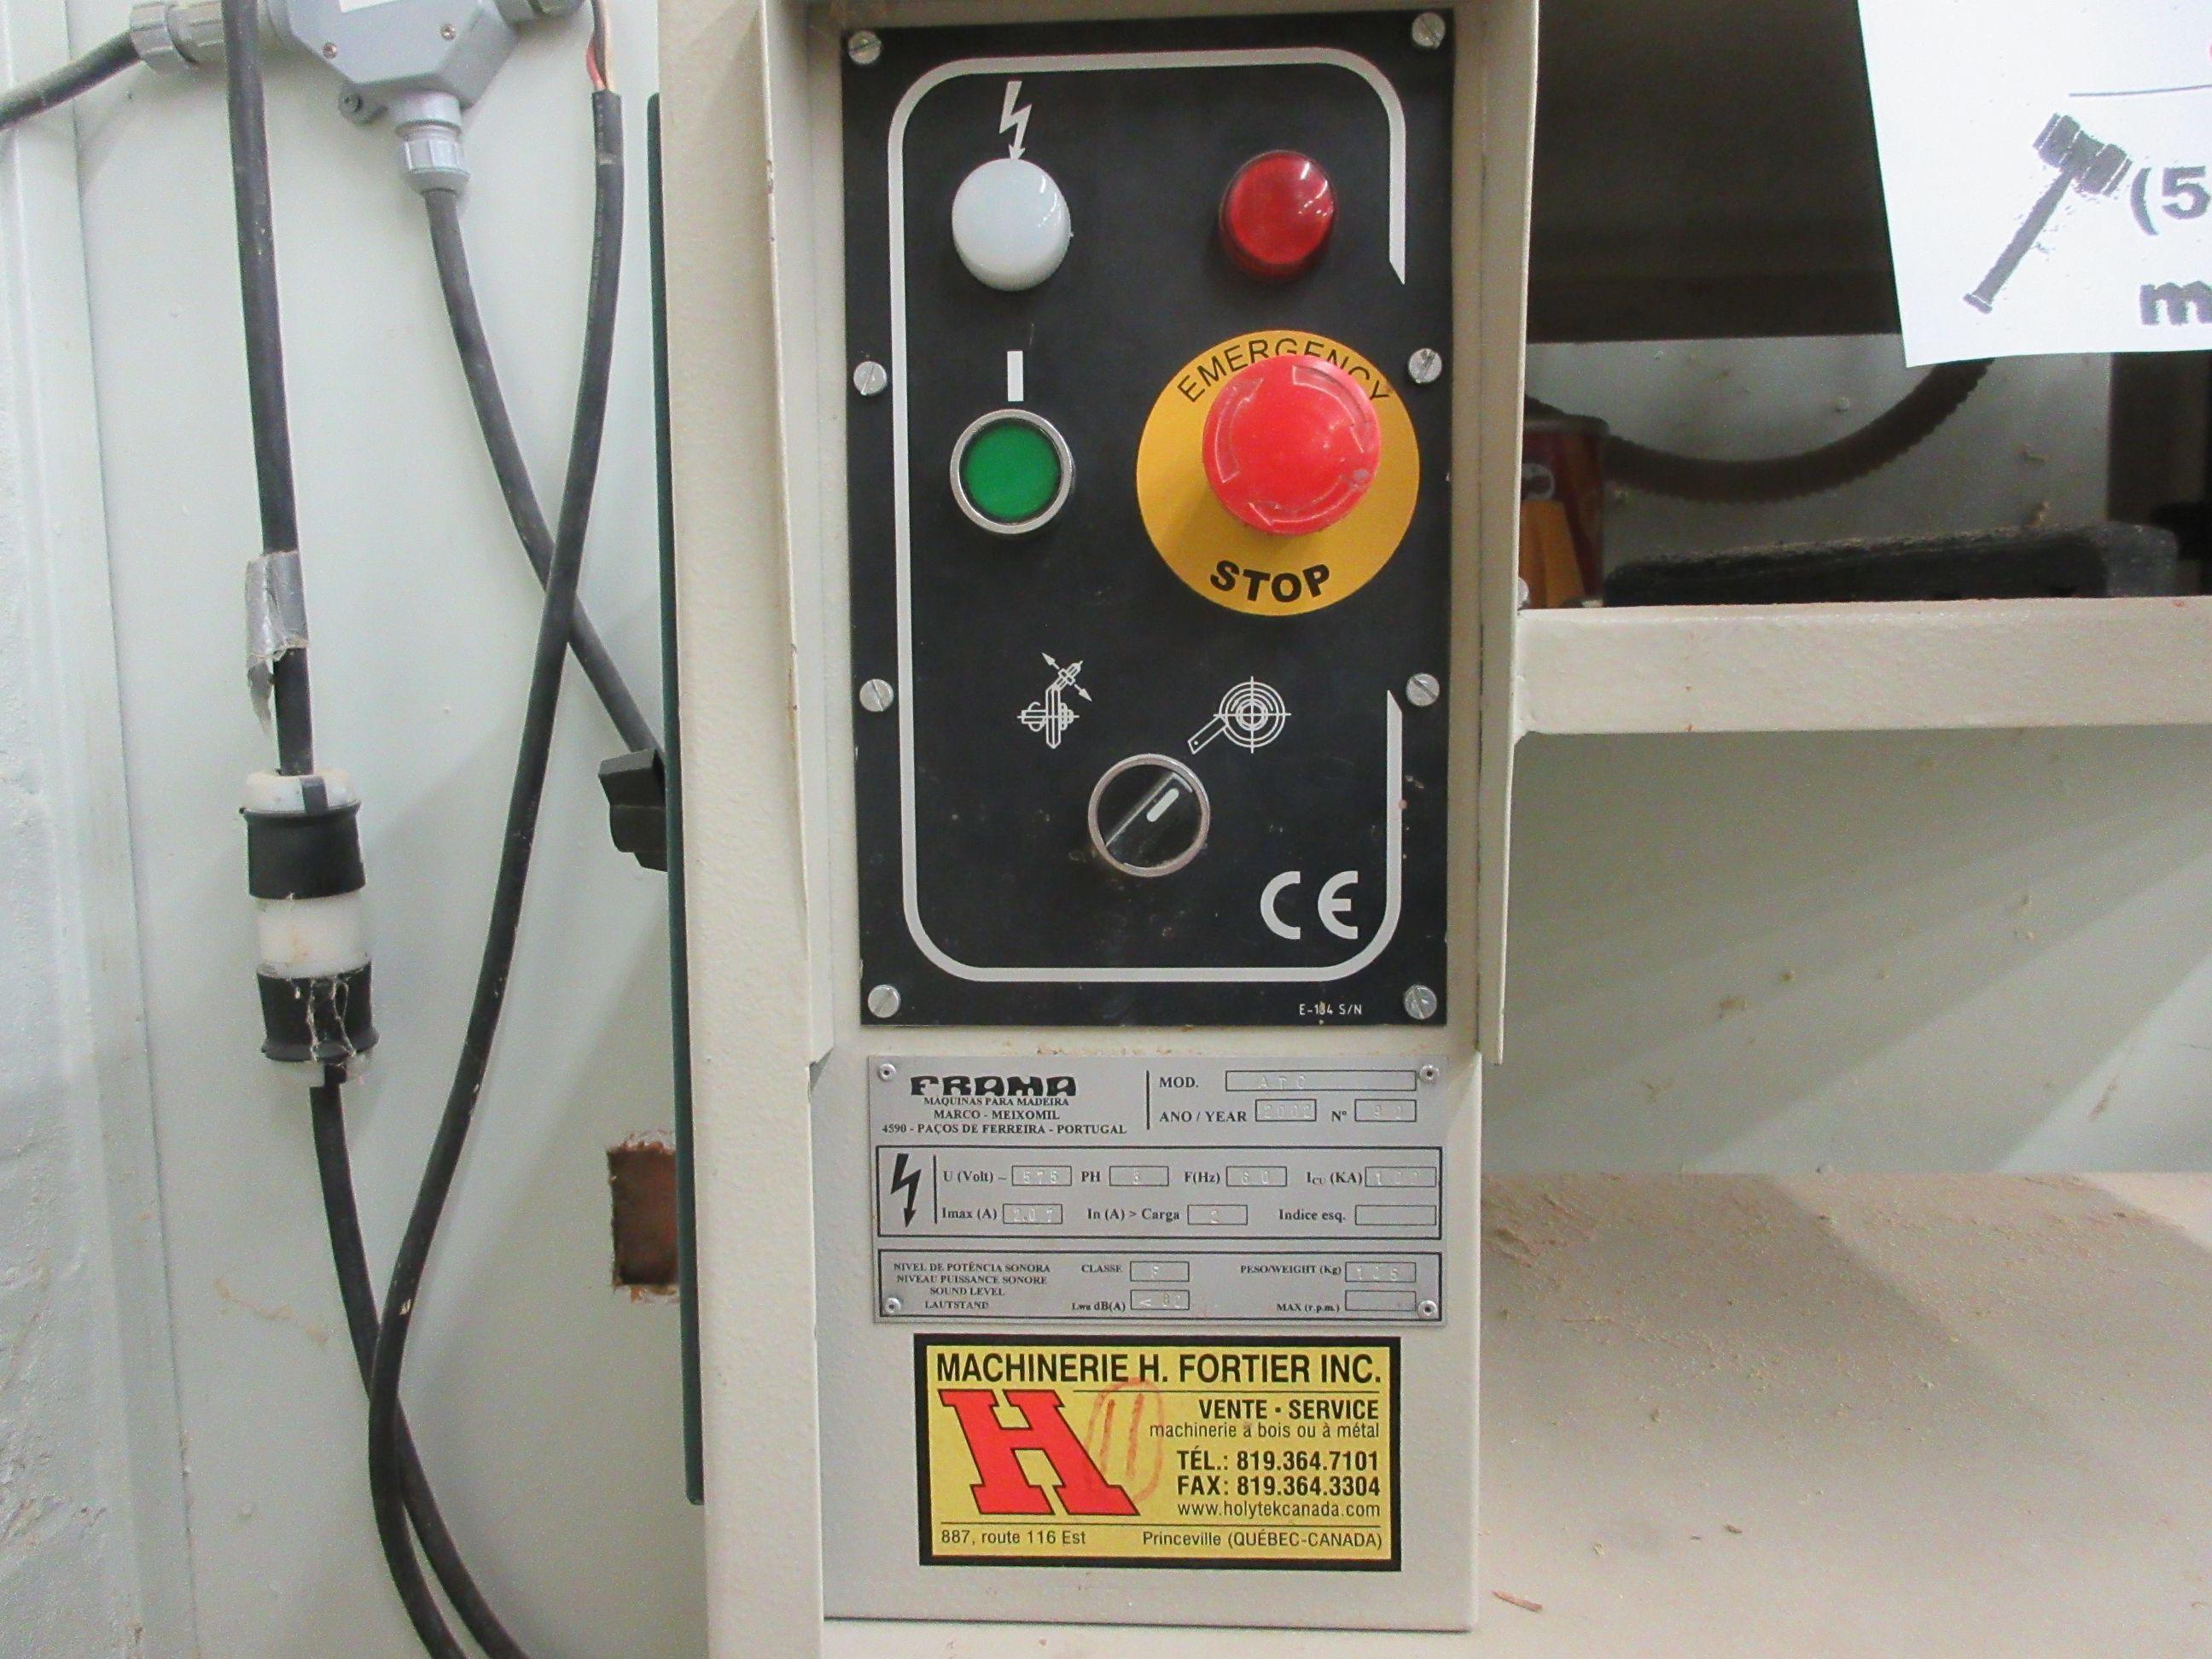 FRAMA grinder/sharpener, Mod: ATC, 600 volts - Image 2 of 6